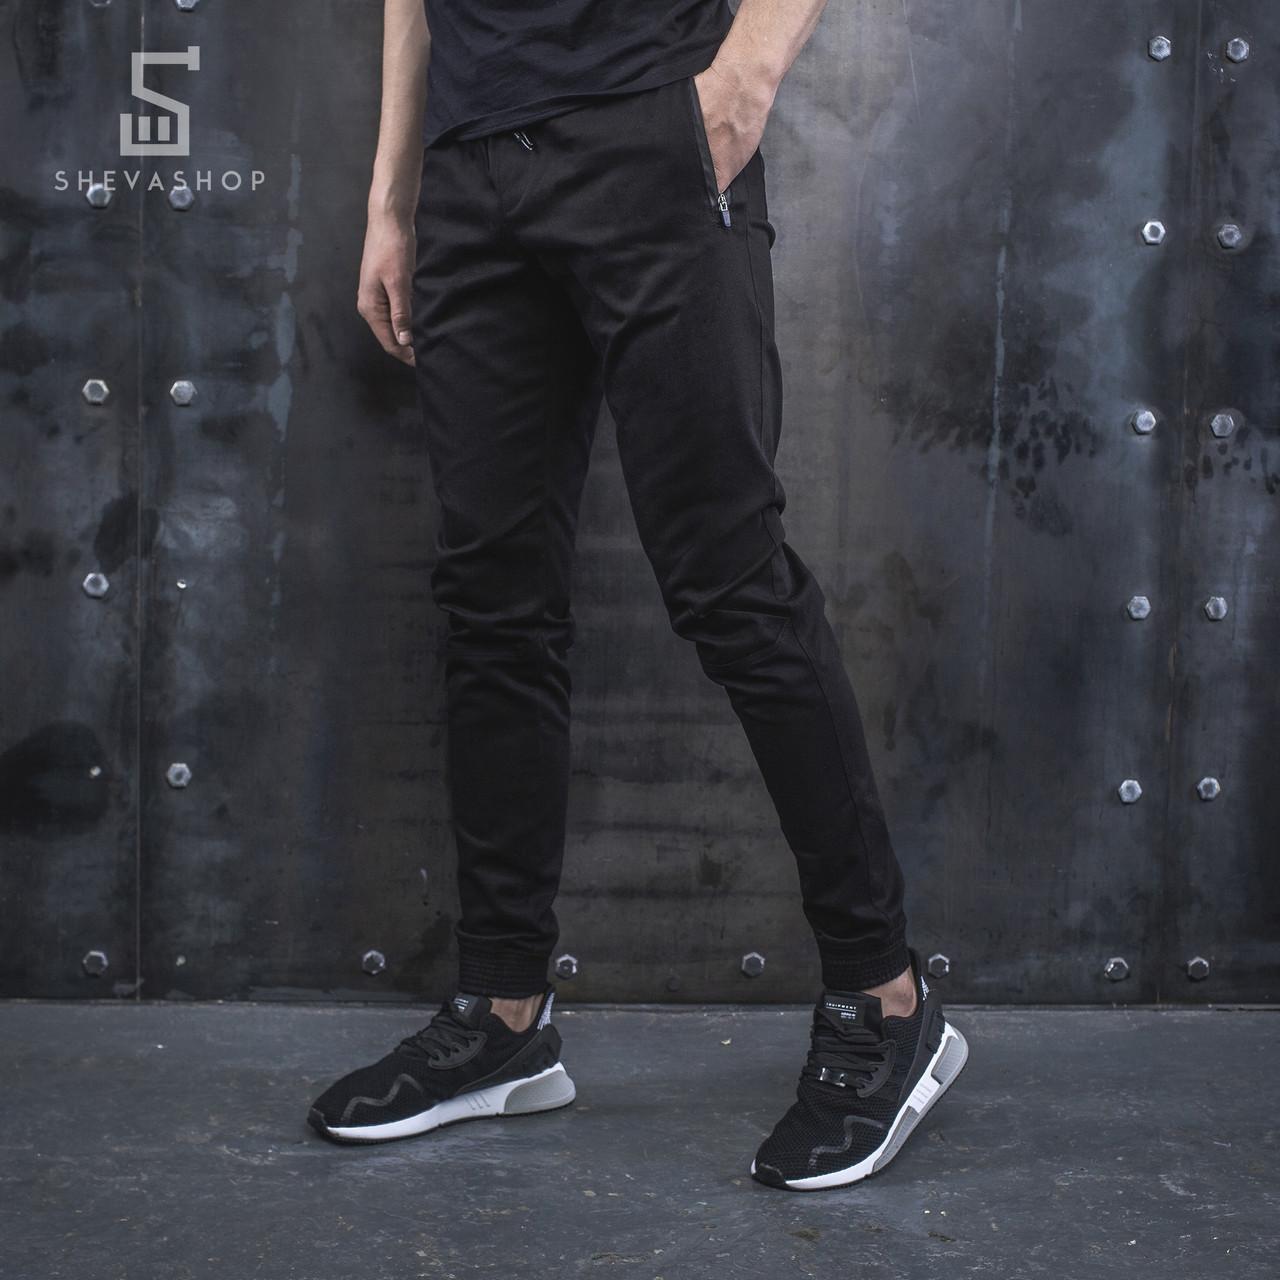 Джоггеры чоловічі BeZet Casual 19 чорні(тільки L)